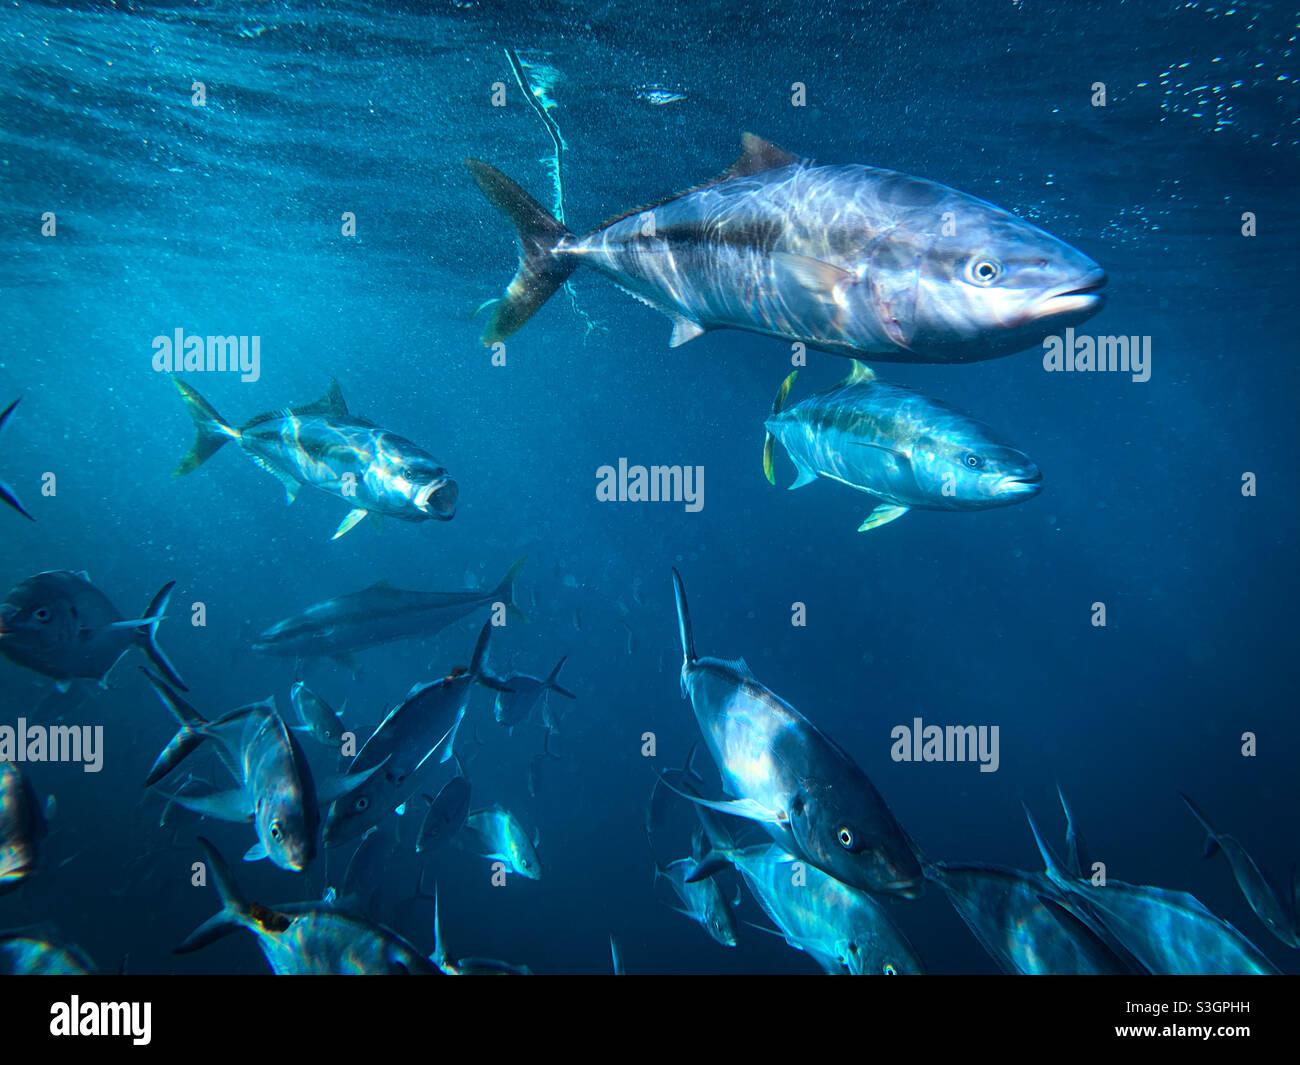 Immagine subacquea del pesce regale a coda gialla Seriola lalandi e argento Tremasine Pseudocaranx georgianus nuotare insieme Foto Stock